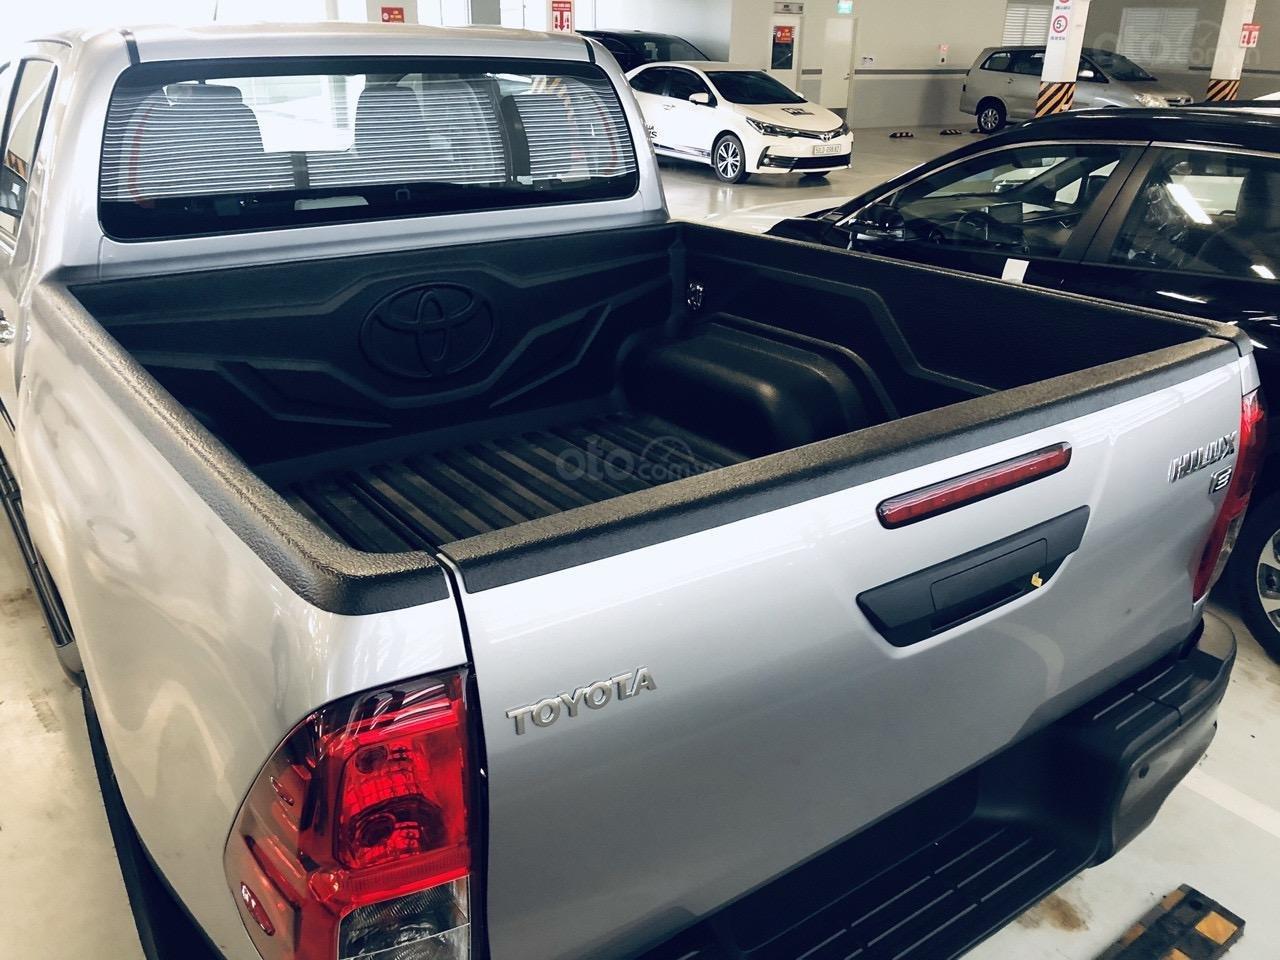 Toyota Tân Cảng bán Toyota Hilux 2.4E AT 2021 nhập khẩu, nhiều ưu đãi, xe giao ngay, trả góp lãi suất 0.3% (4)